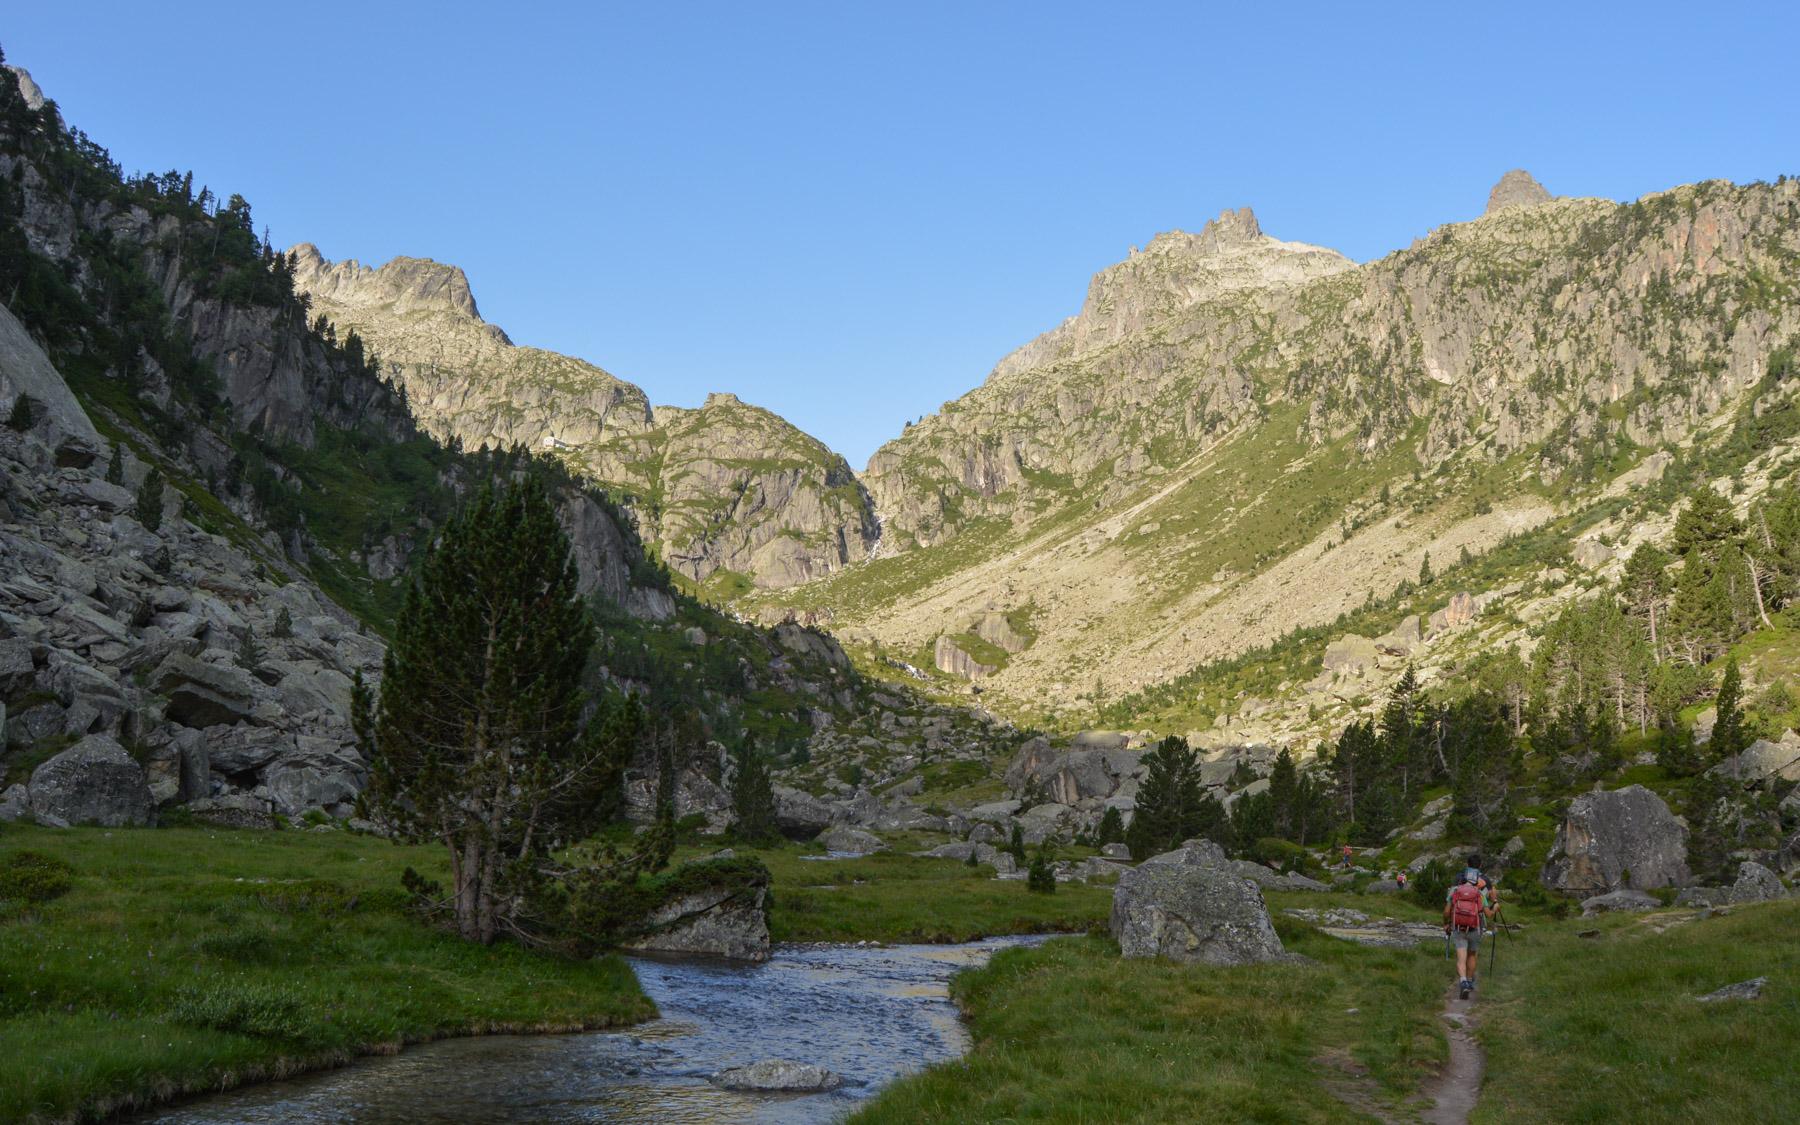 Balaïtous, Arrens-Marsous, Hautes-Pyrénées, France 7